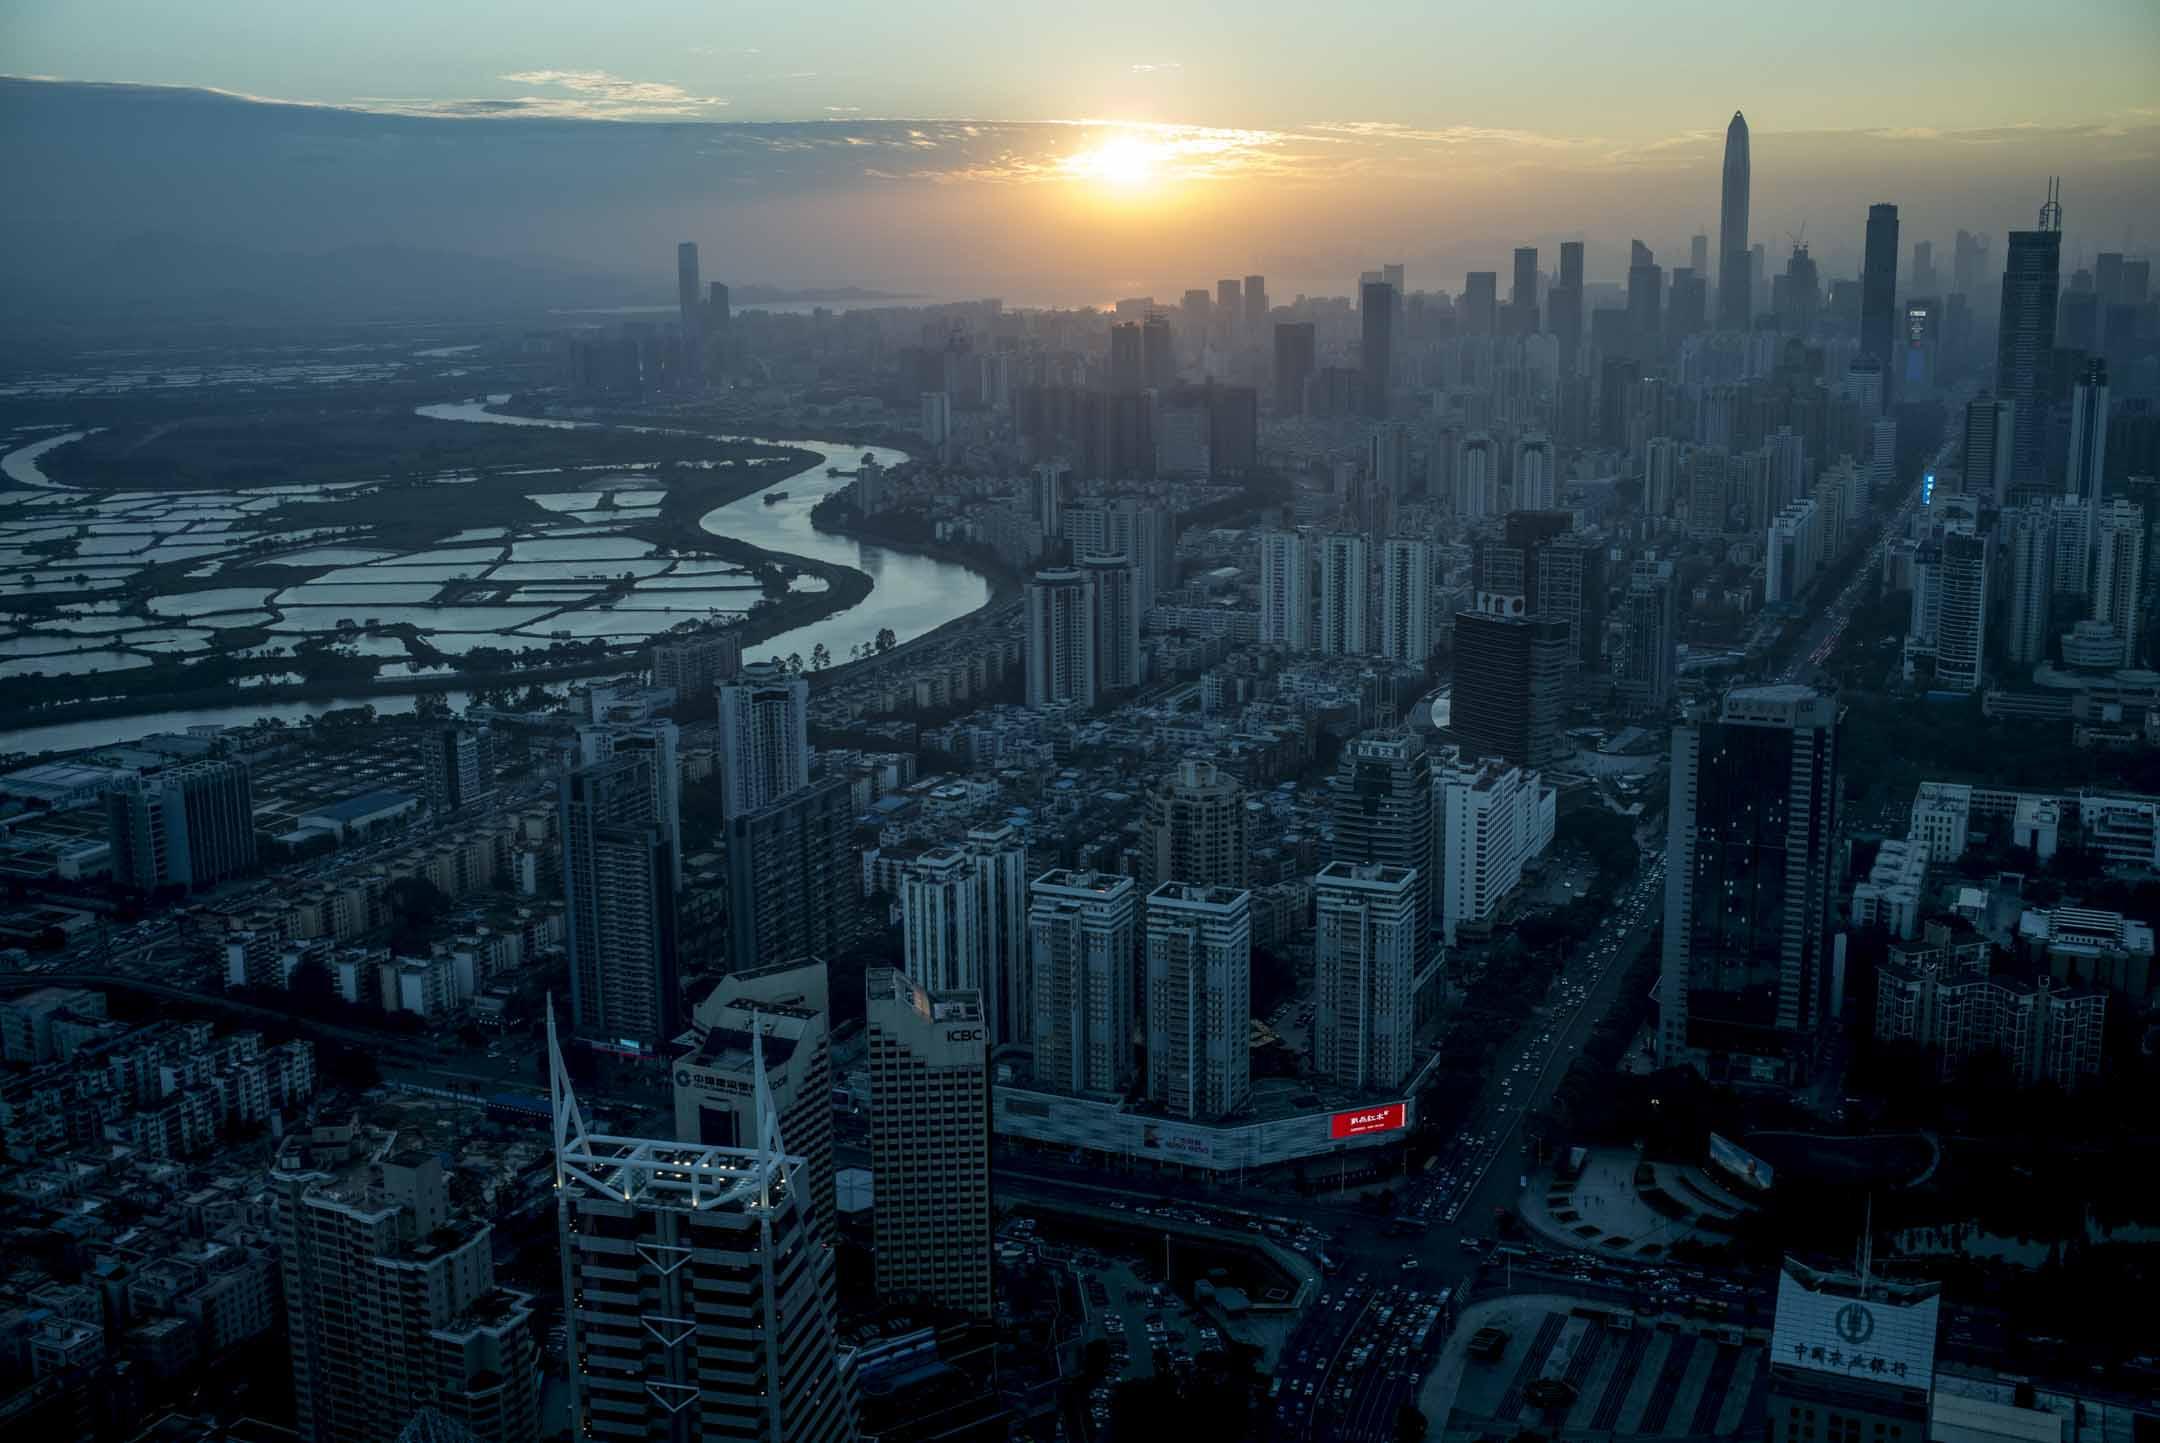 官方的《粵港澳大灣區發展規劃綱要》文件將涵蓋接近7,000萬人口、生產總值達1.51萬億美元的珠三角九市和港澳特區視作一體,重新包裝成一個新的地理空間概念——粵港澳大灣區。